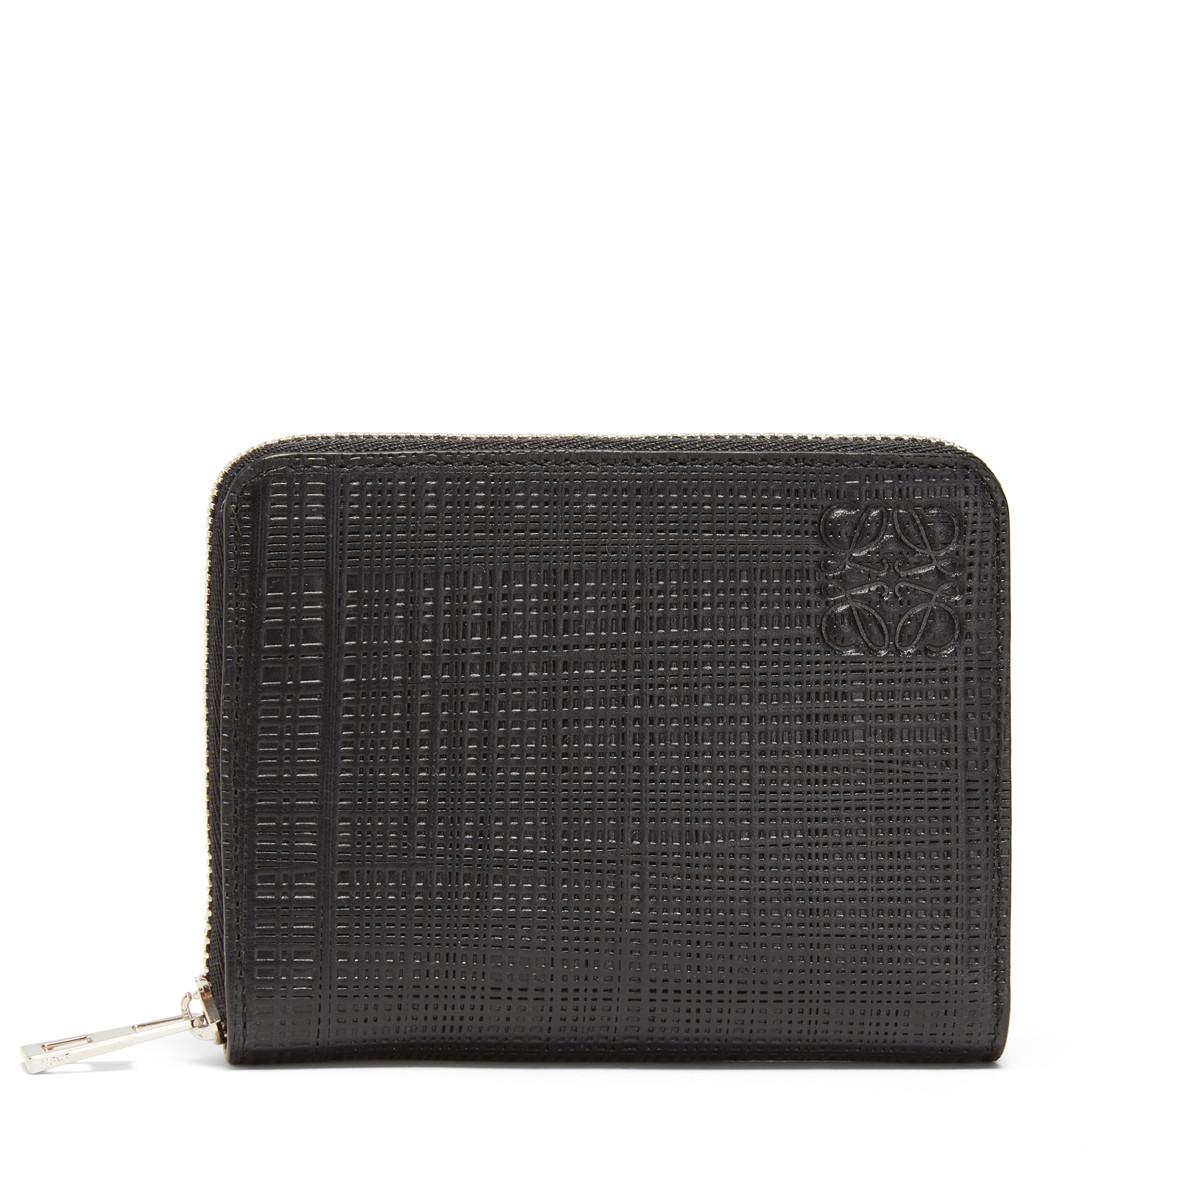 【送料無料】 (LOEWE) ロエベ ZIP 6 CARD HOLDER カードホルダー クレジットカード ホルダー